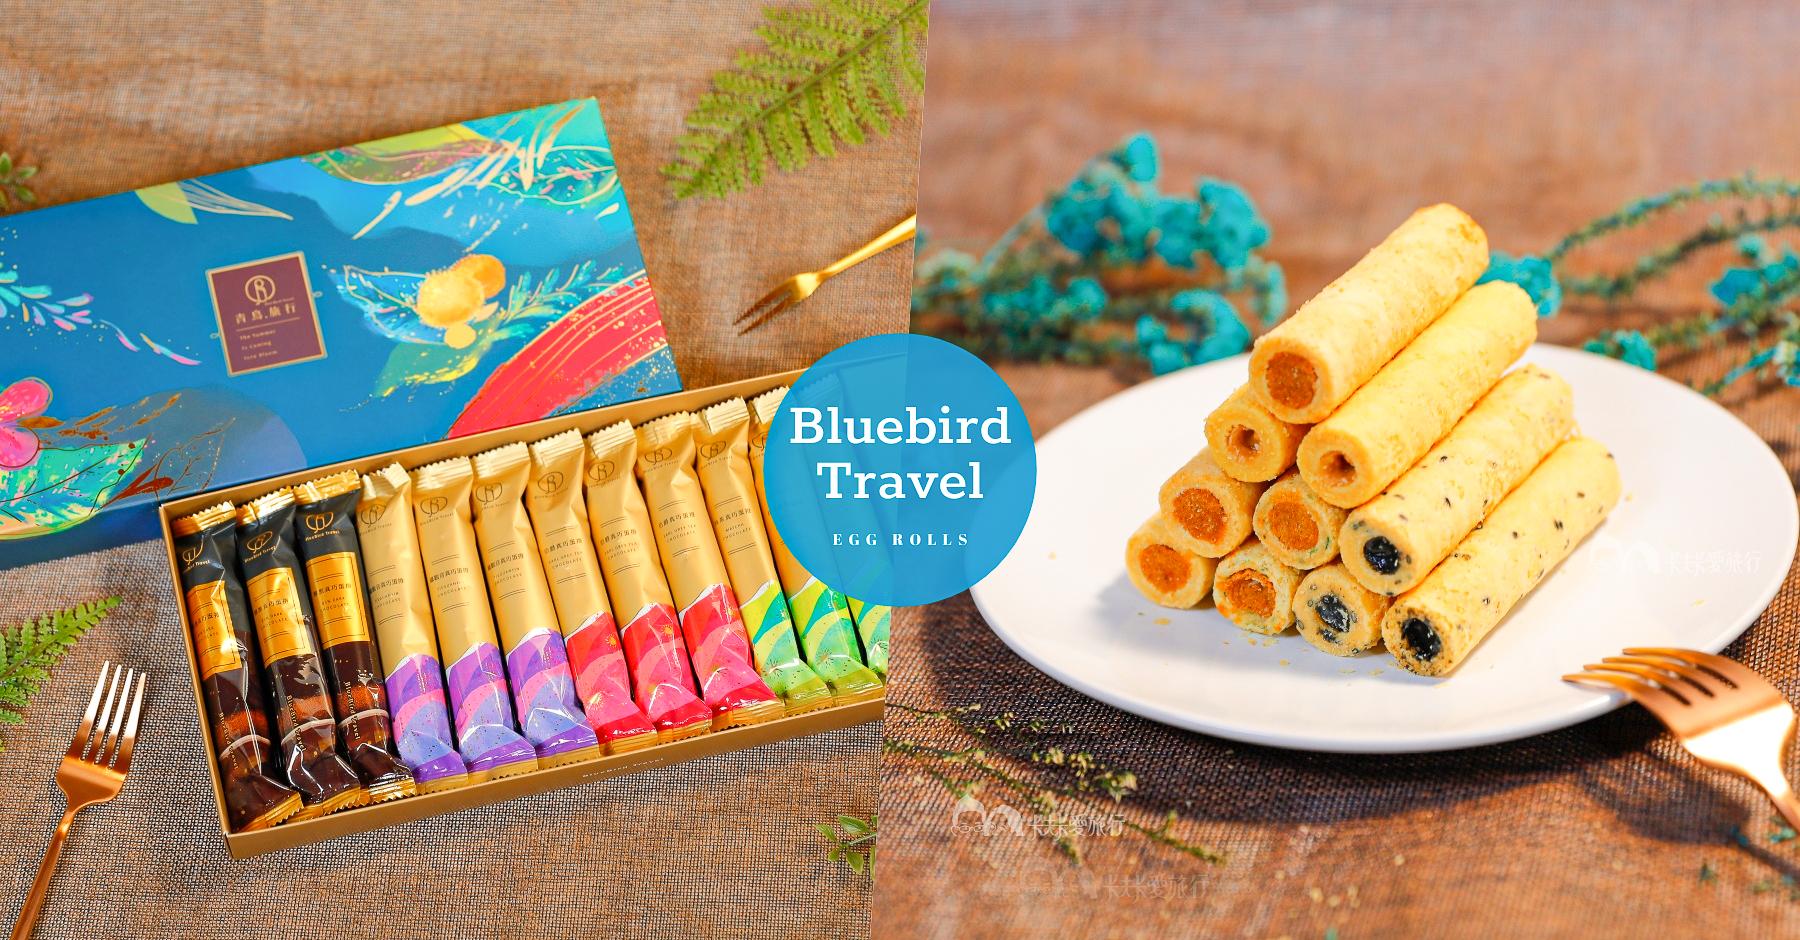 台中必買伴手禮|青鳥旅行|超質感創意蛋捲禮盒端午節限定美食跟著味蕾去旅行